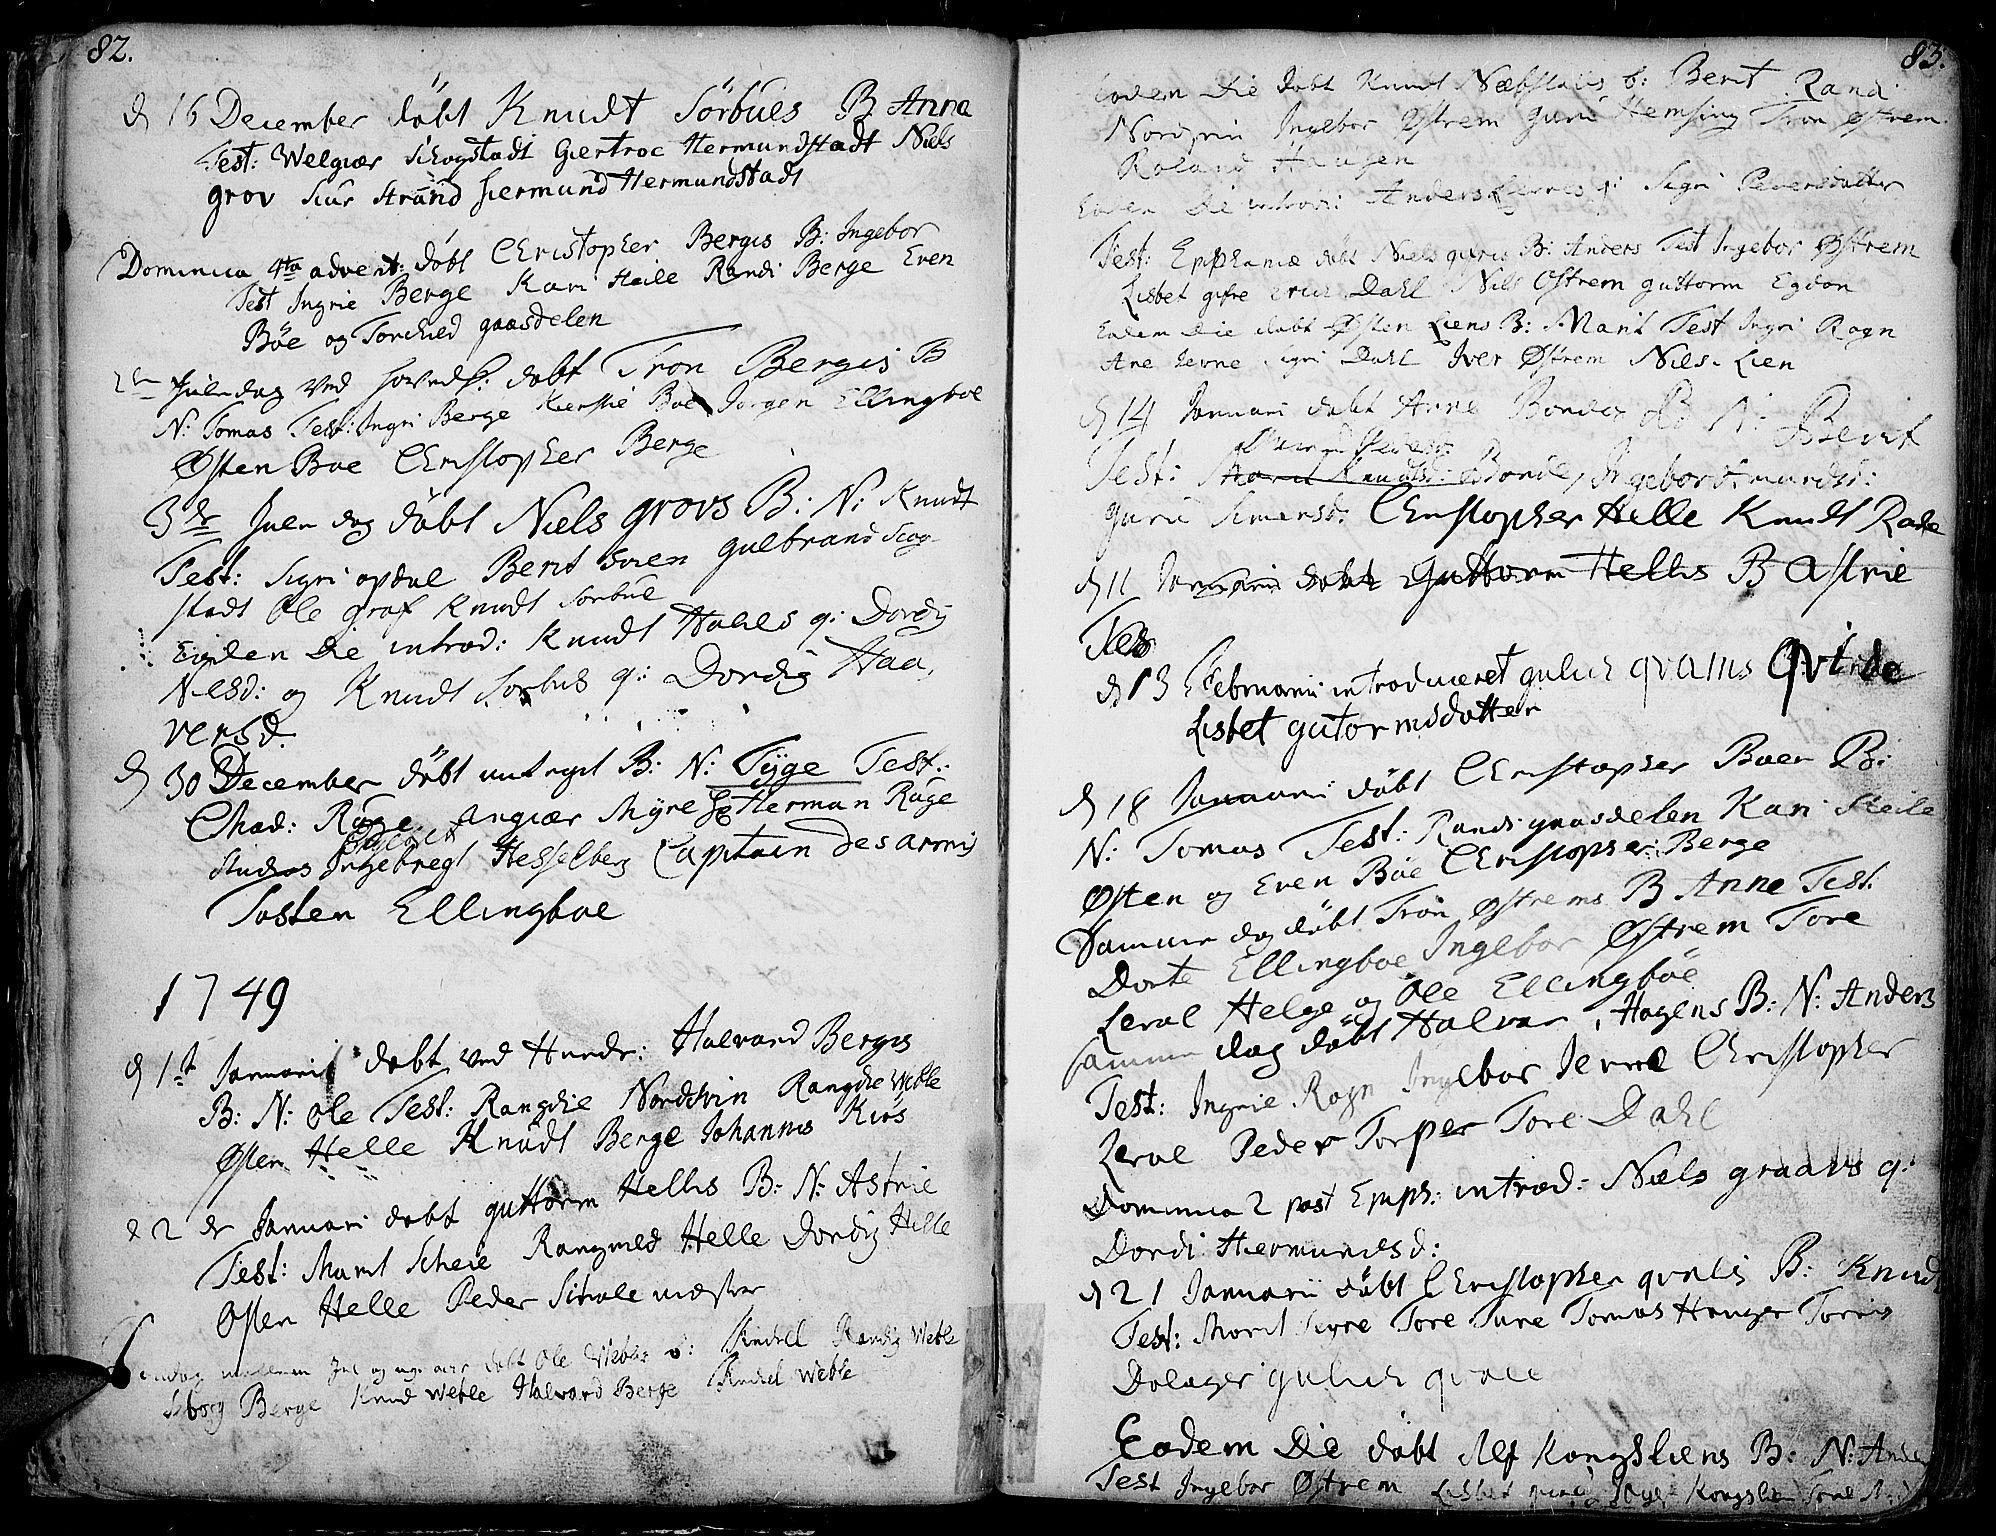 SAH, Vang prestekontor, Valdres, Ministerialbok nr. 1, 1730-1796, s. 82-83